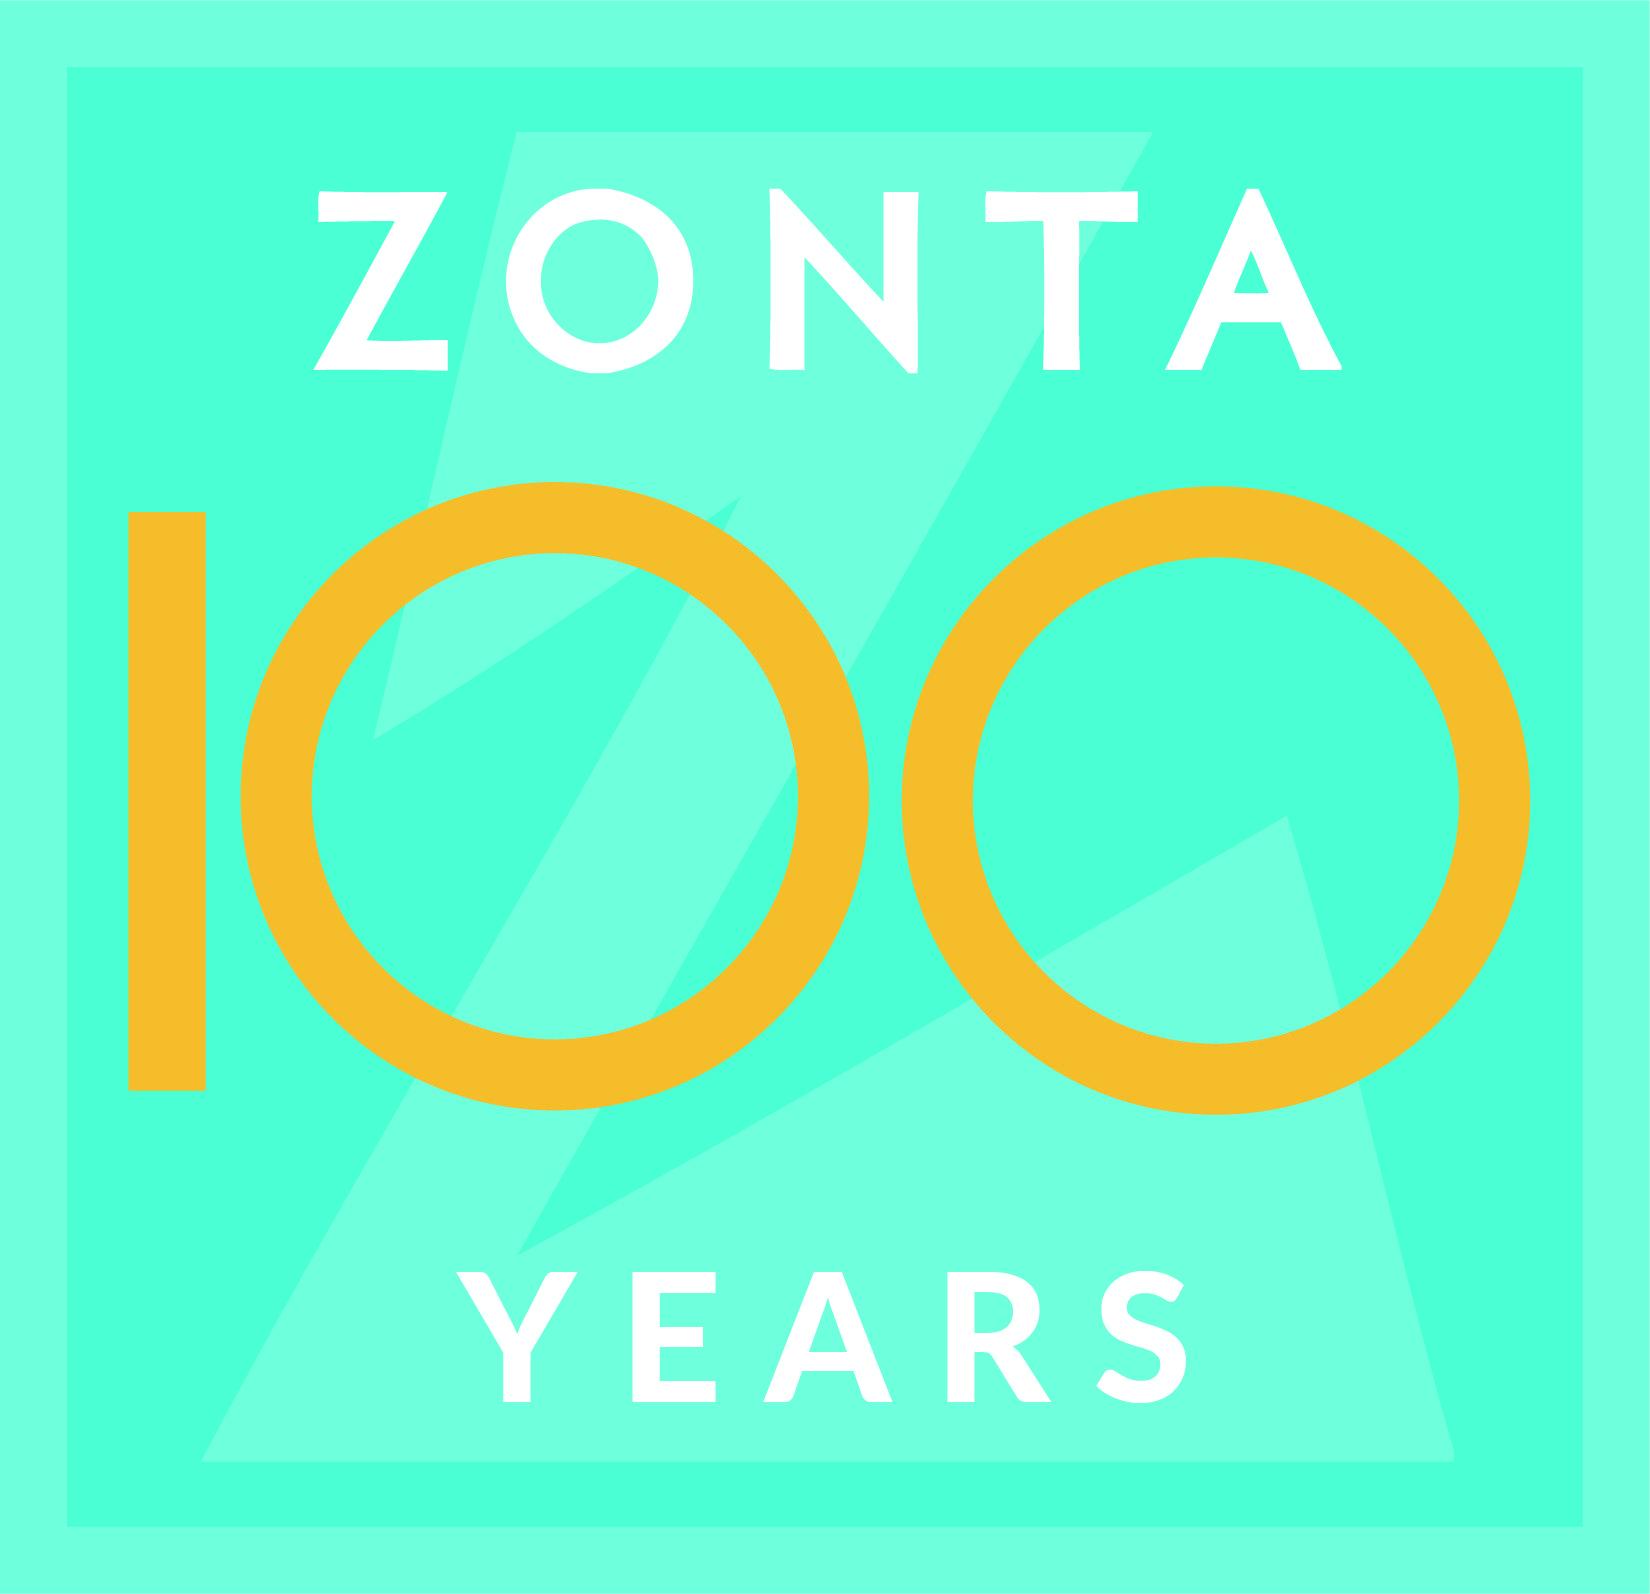 Zonta_icon100.jpg